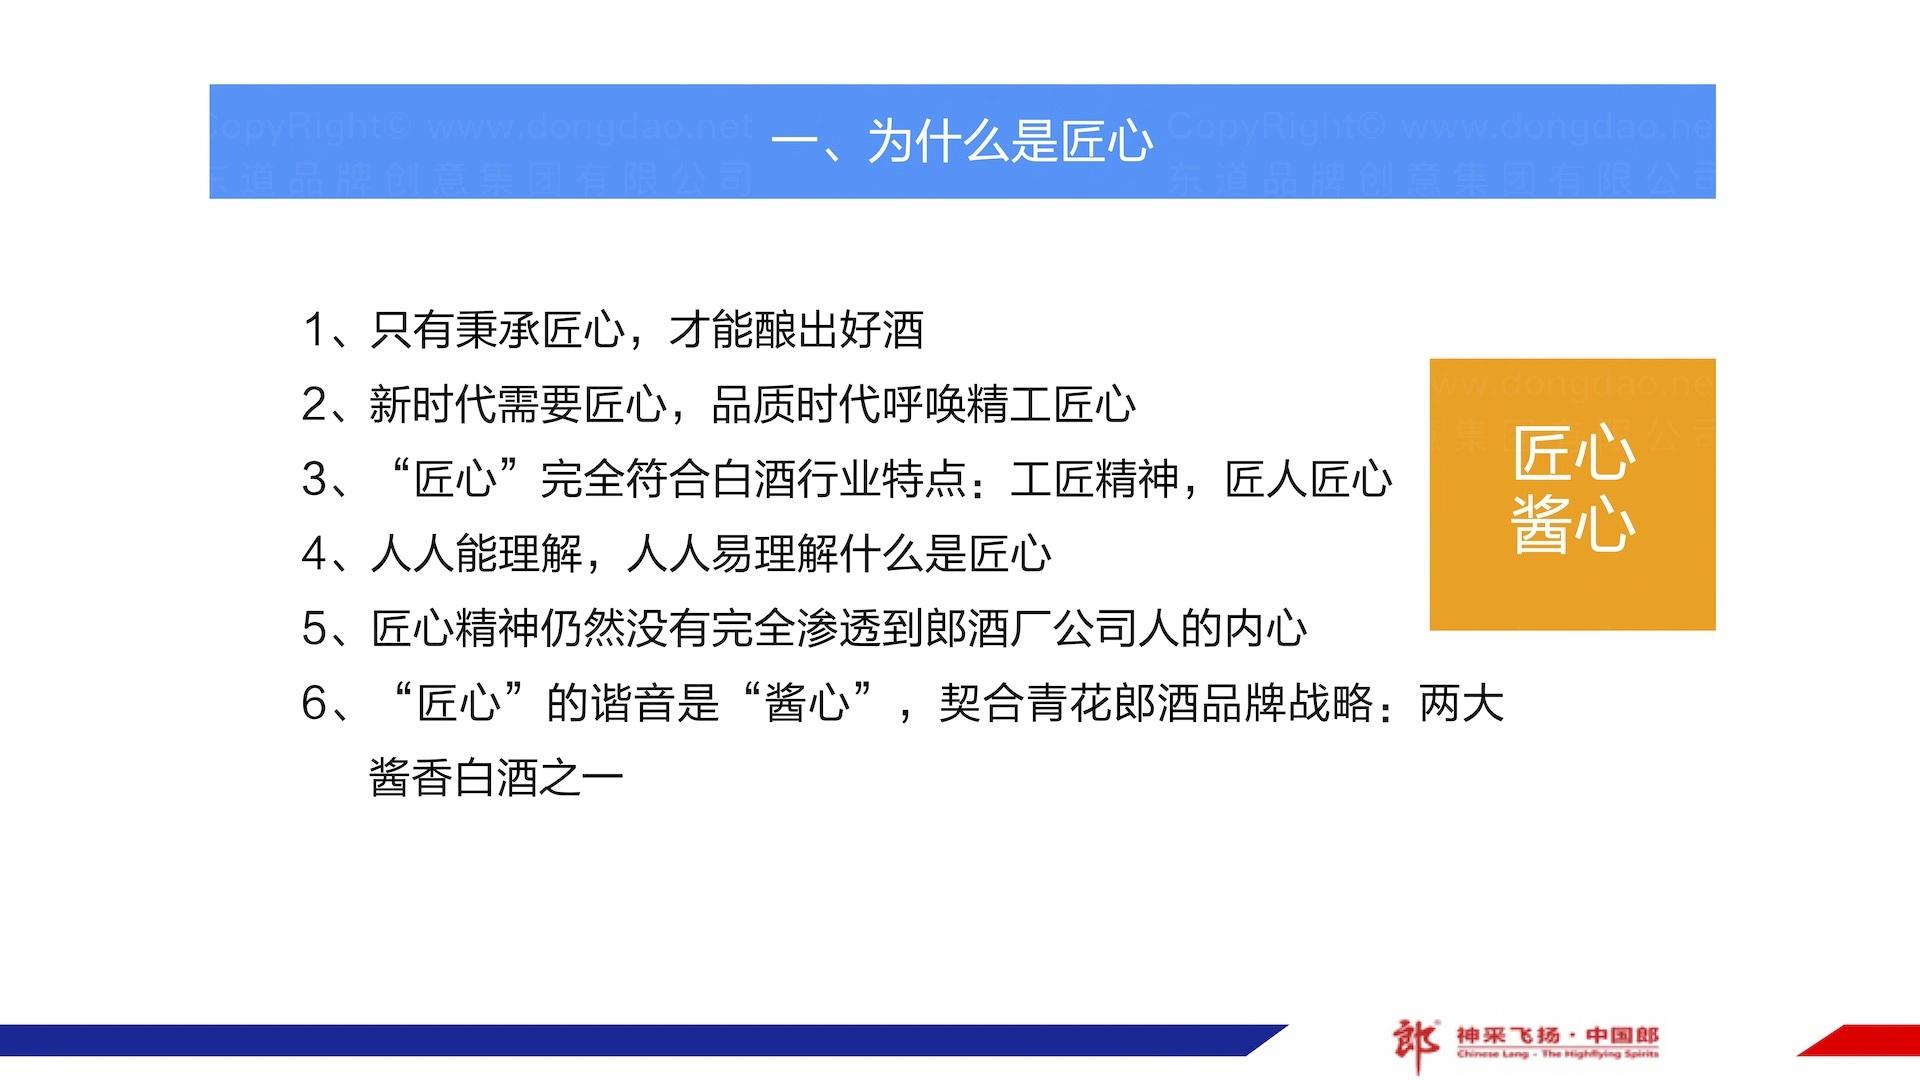 品牌战略&企业文化郎酒企业文化体系方案应用场景_9